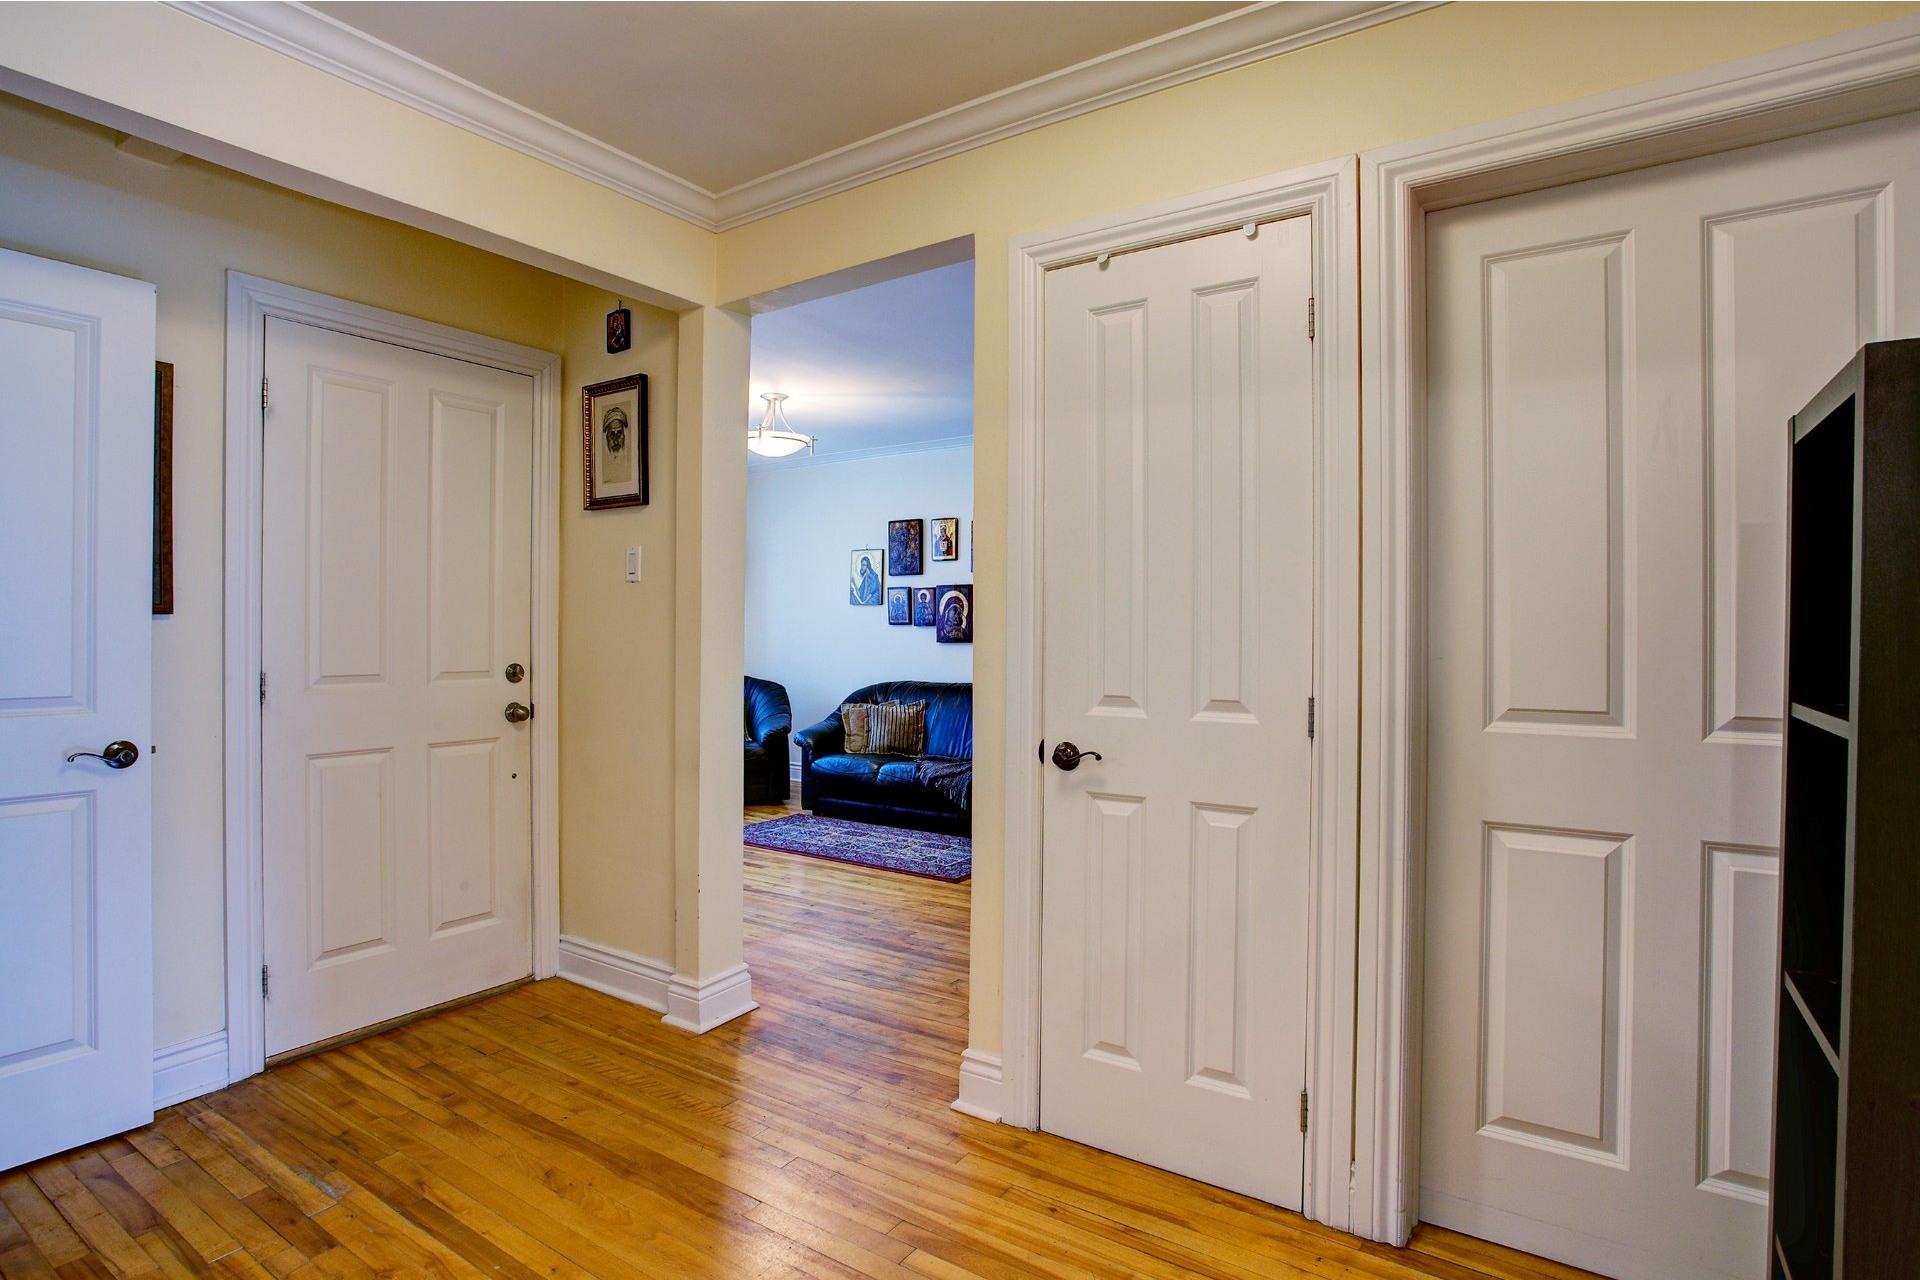 image 5 - Duplex En venta Montréal Côte-des-Neiges/Notre-Dame-de-Grâce  - 5 habitaciones